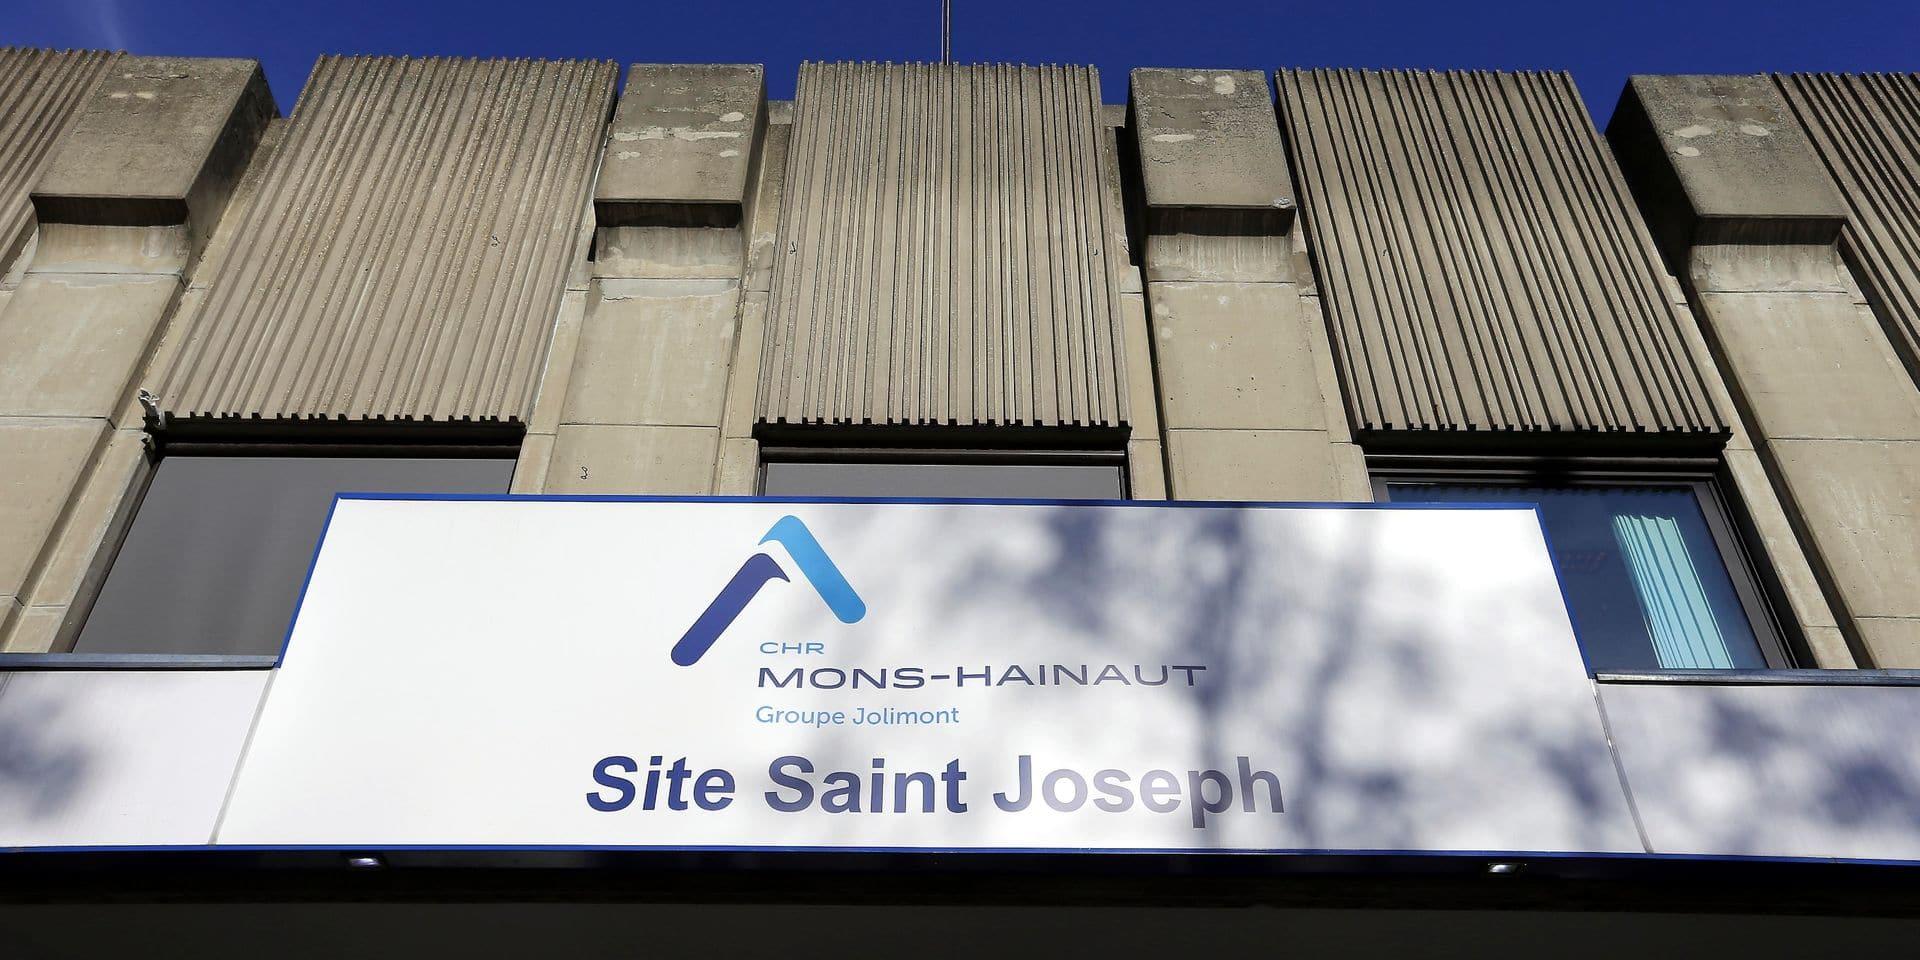 Deux matinées de grève au CHR Mons-Hainaut